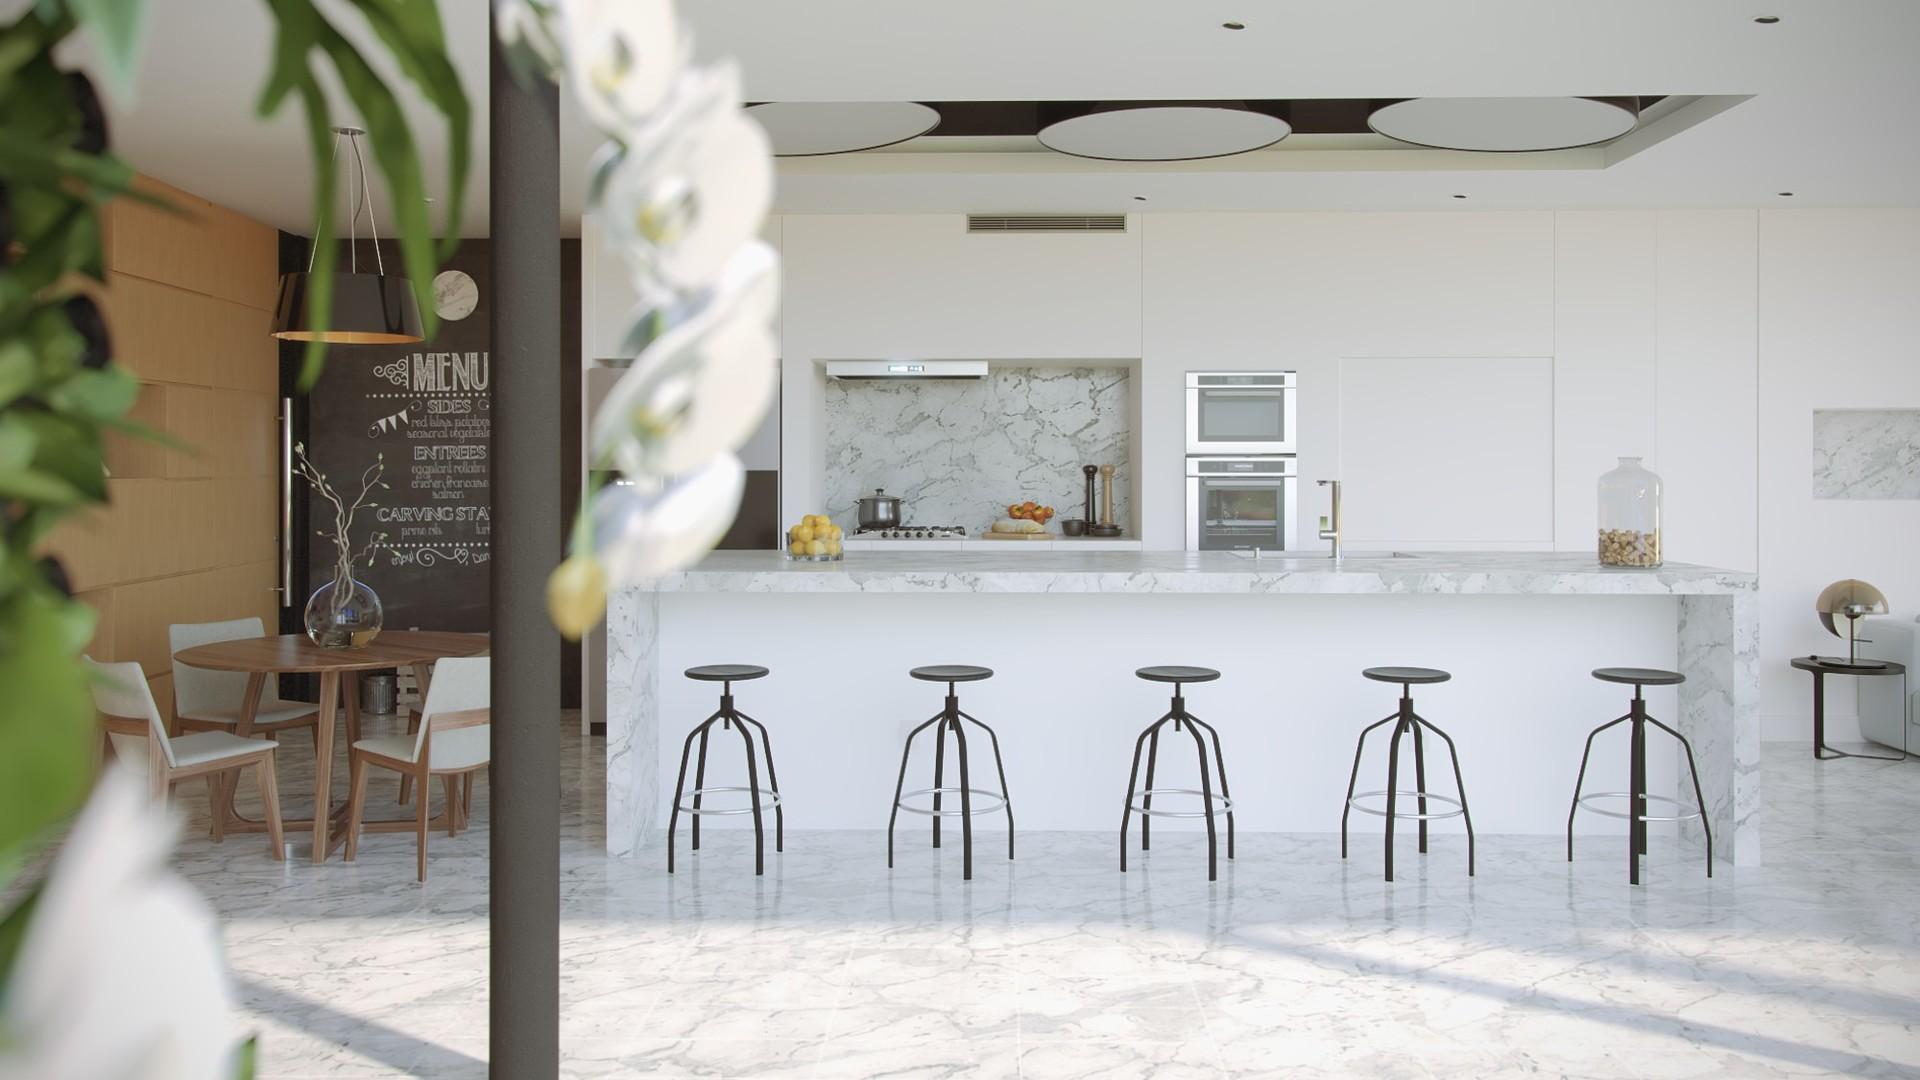 Ricardo eloy cozinha c010